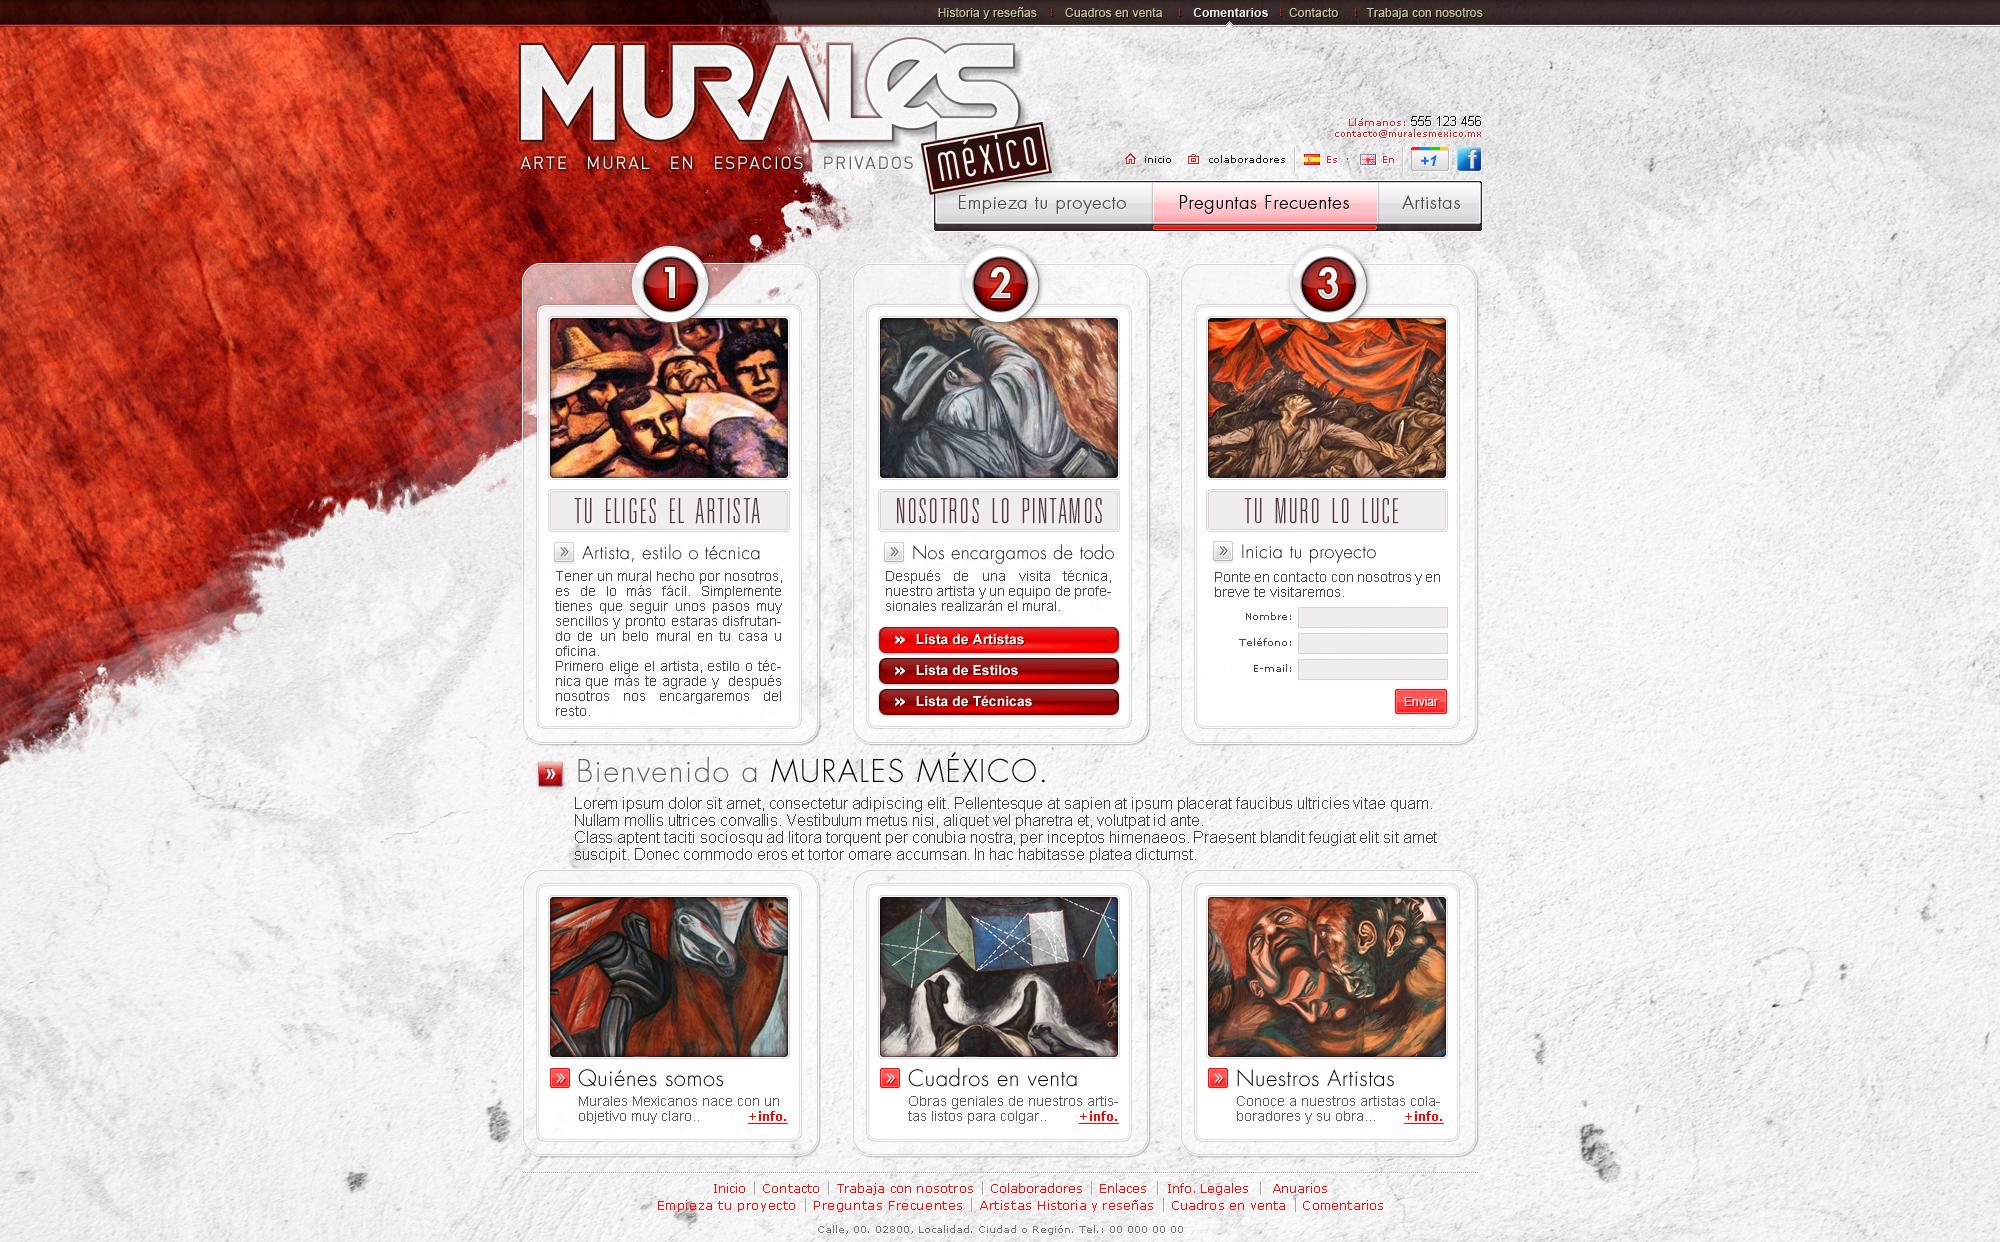 Murales México